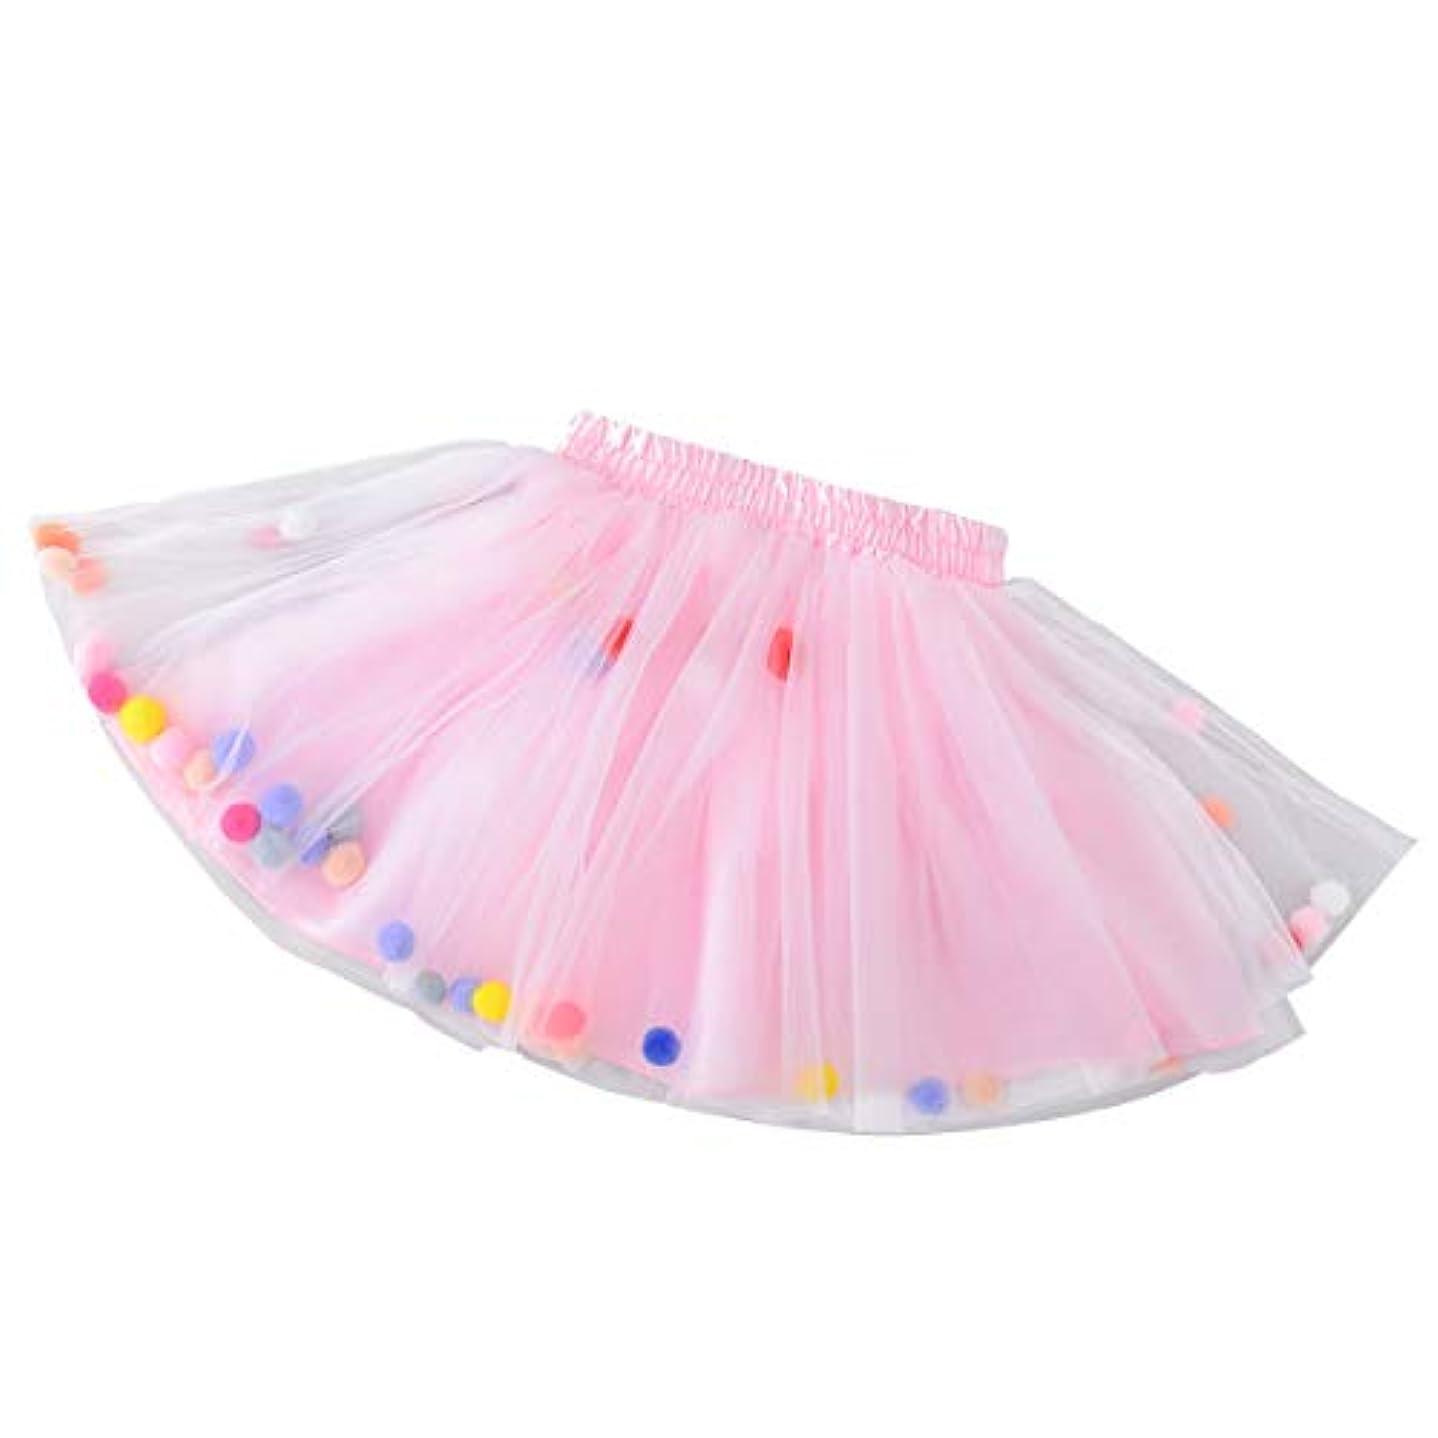 食物驚くべき置くためにパックYeahiBaby 子供チュチュスカートラブリーピンクミディスカートカラフルなファジーボールガーゼスカートプリンセスドレス衣装用女の子(サイズxl)